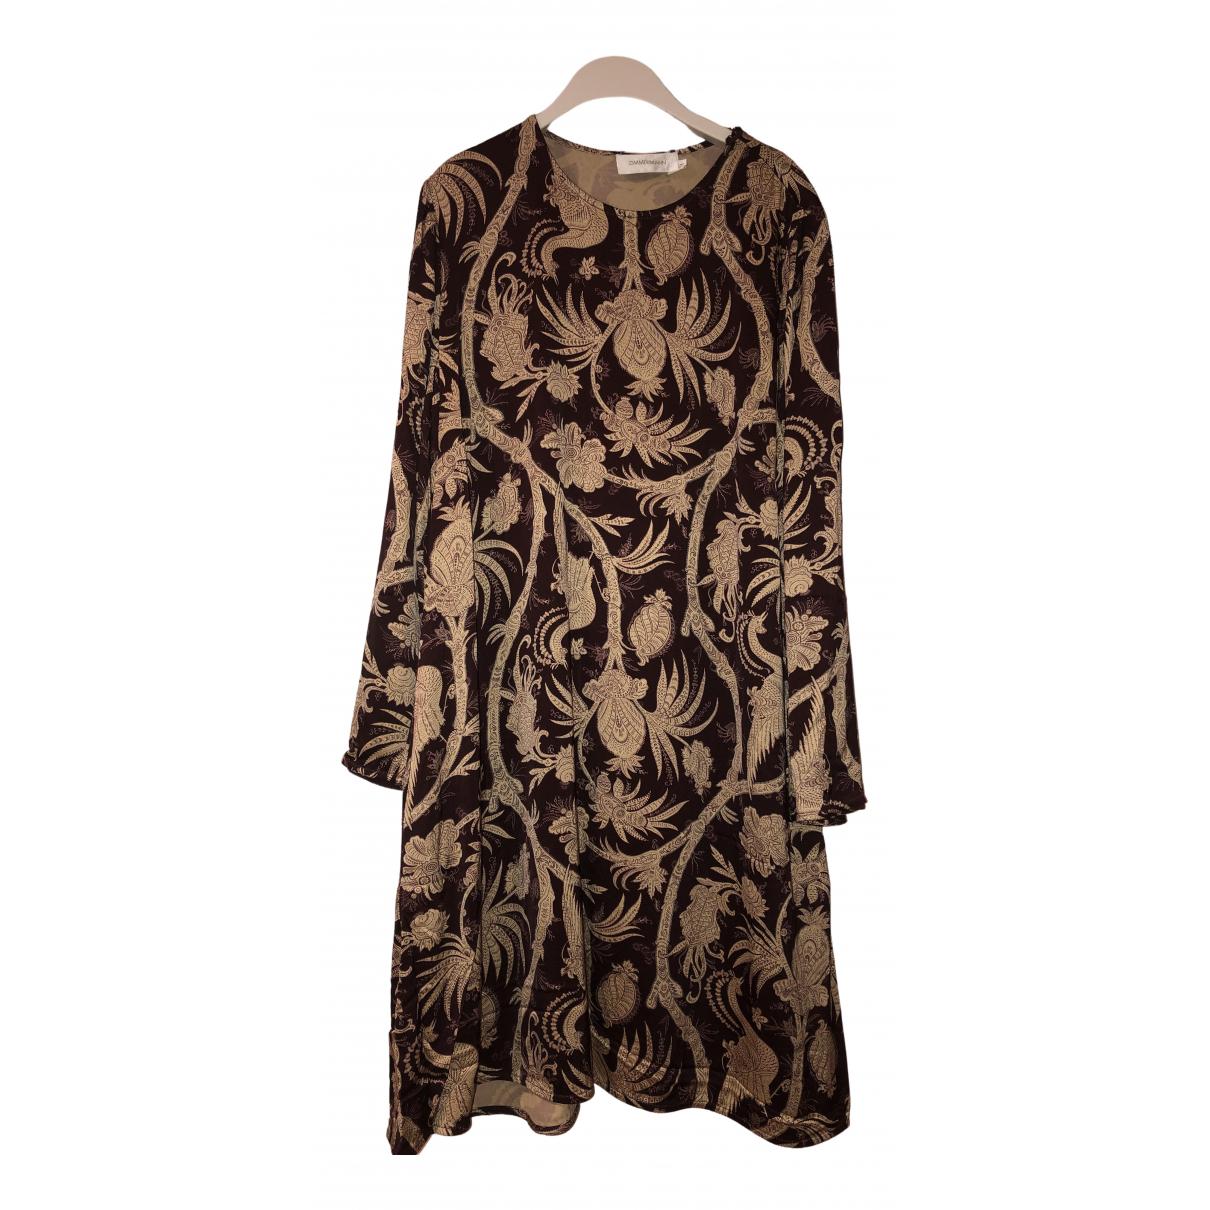 Zimmermann \N Kleid in  Beige Viskose